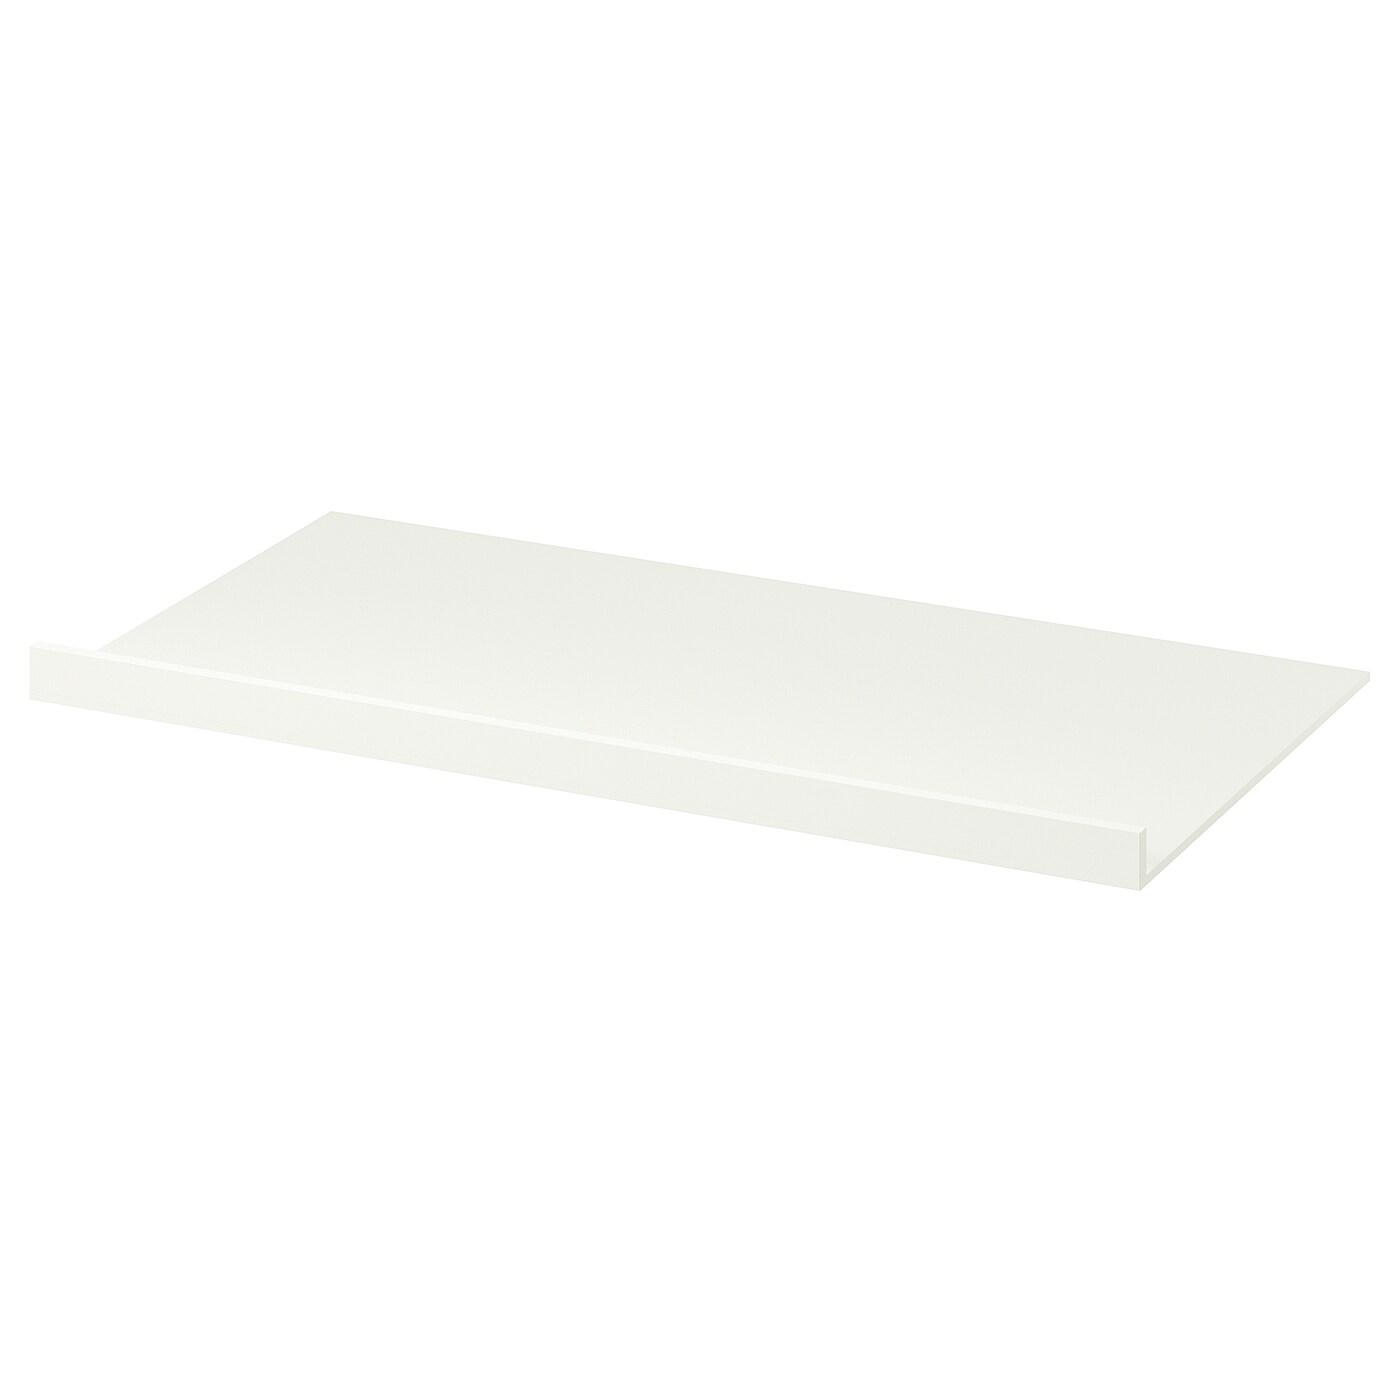 Nyttig Separateur Table De Cuisson Blanc 80 Cm Ikea